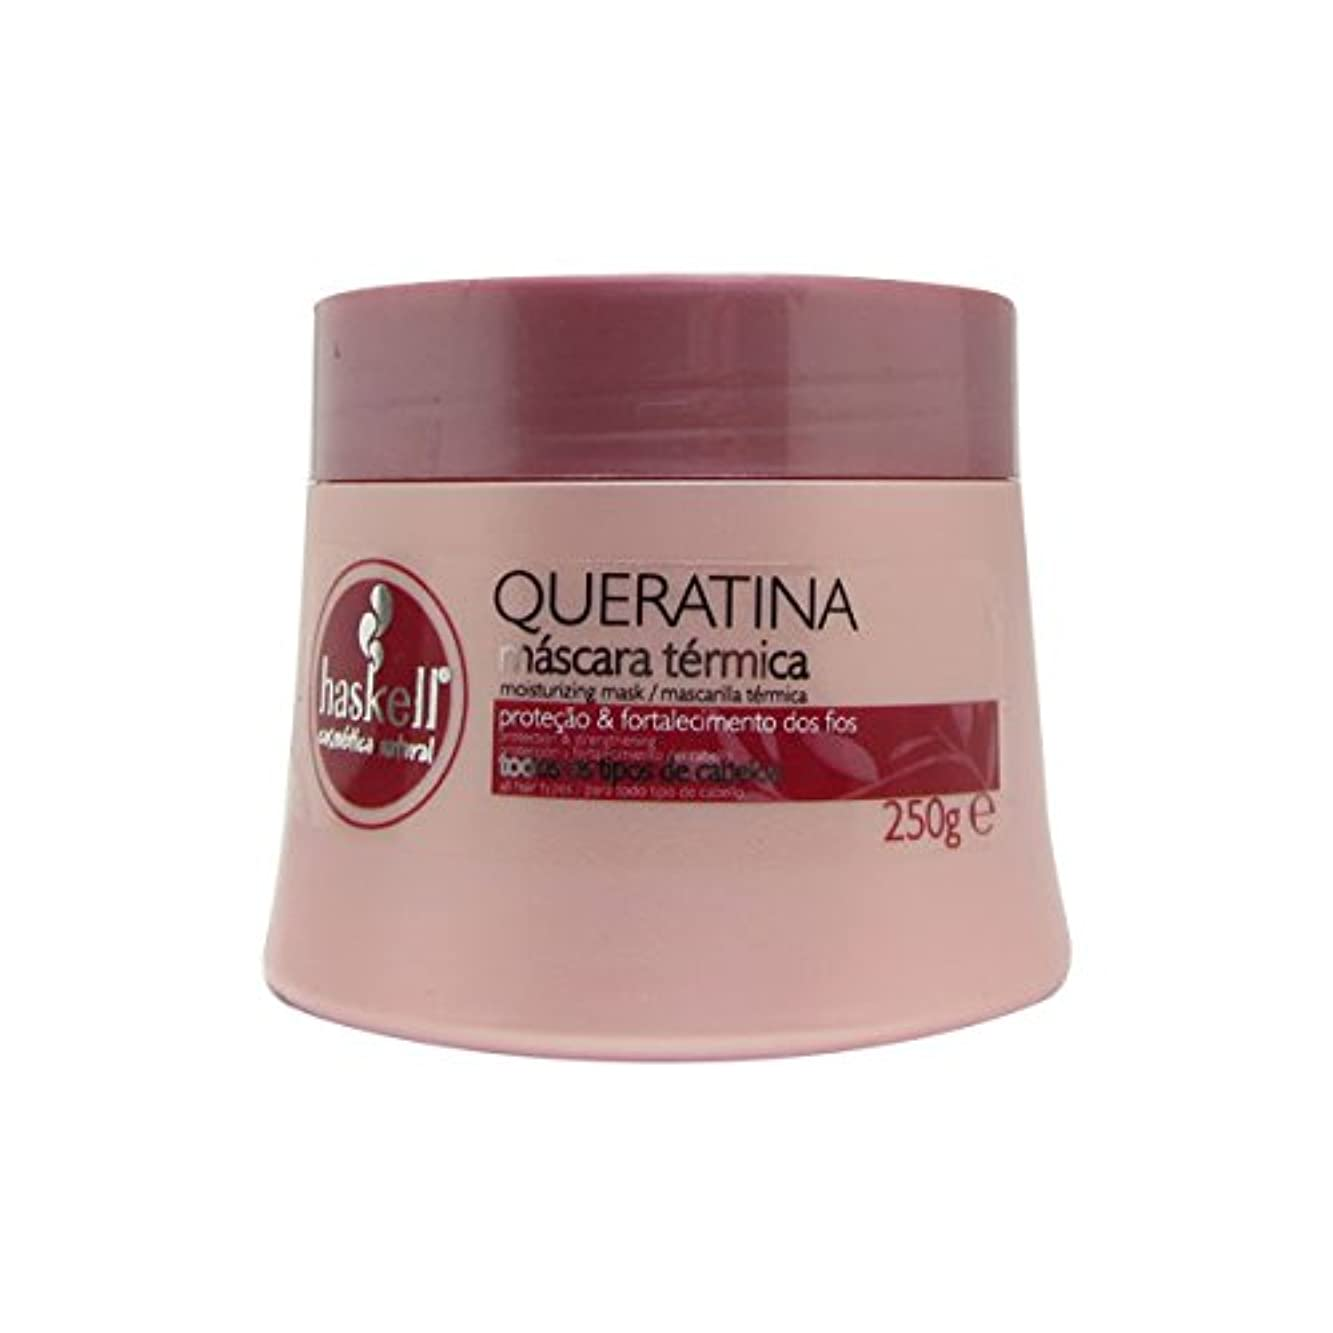 フェッチペルメルパズルHaskell Queratina Hair Mask 250g [並行輸入品]